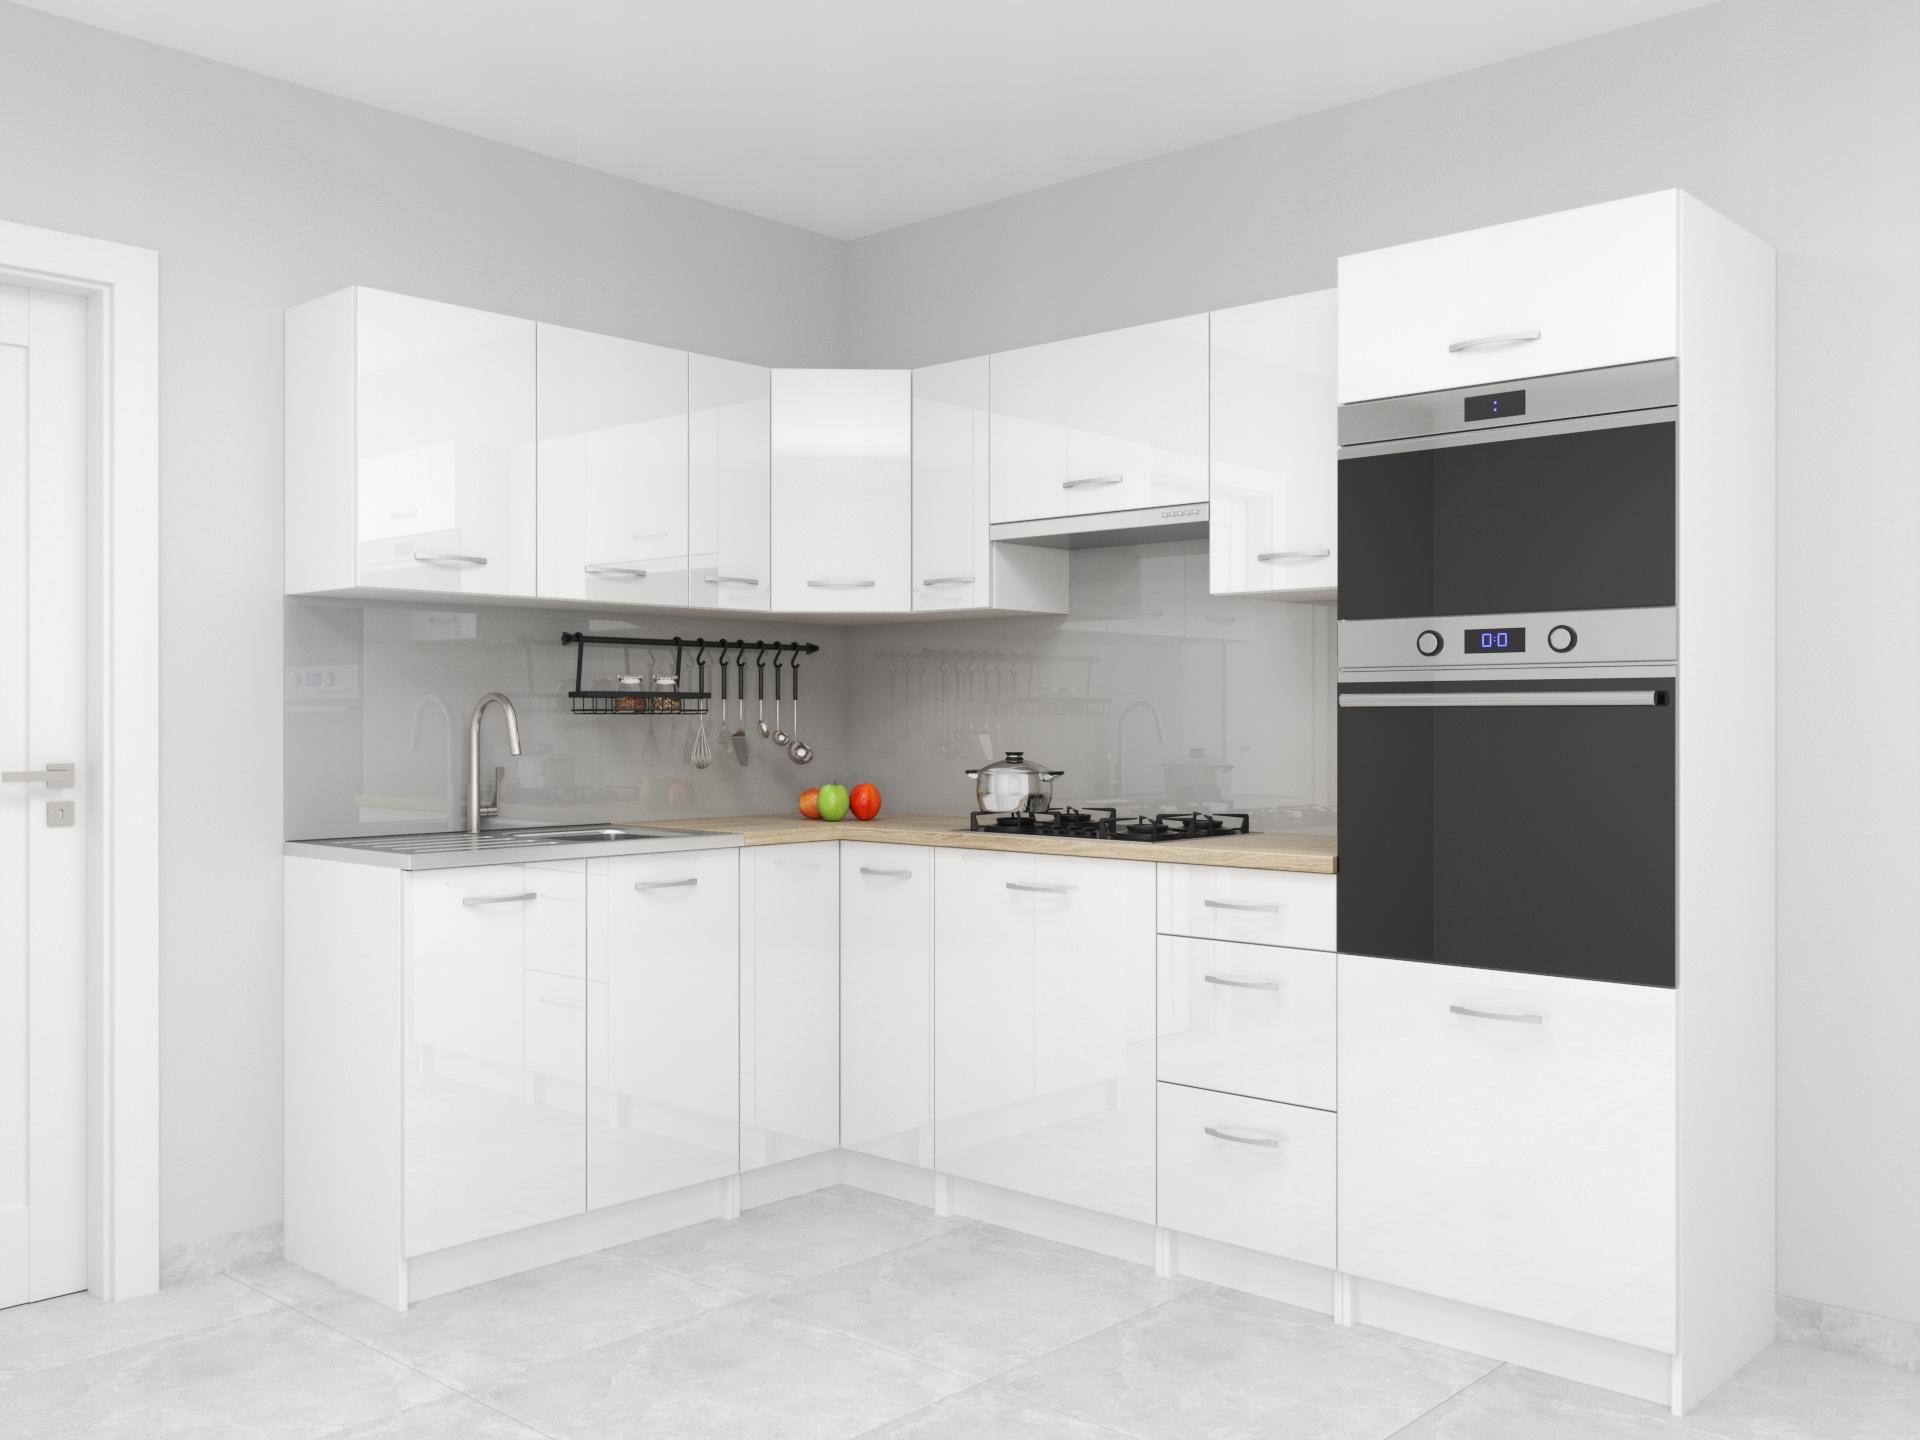 Комплект кухонной мебели Санкт-Петербург Уголок ГЛОСС